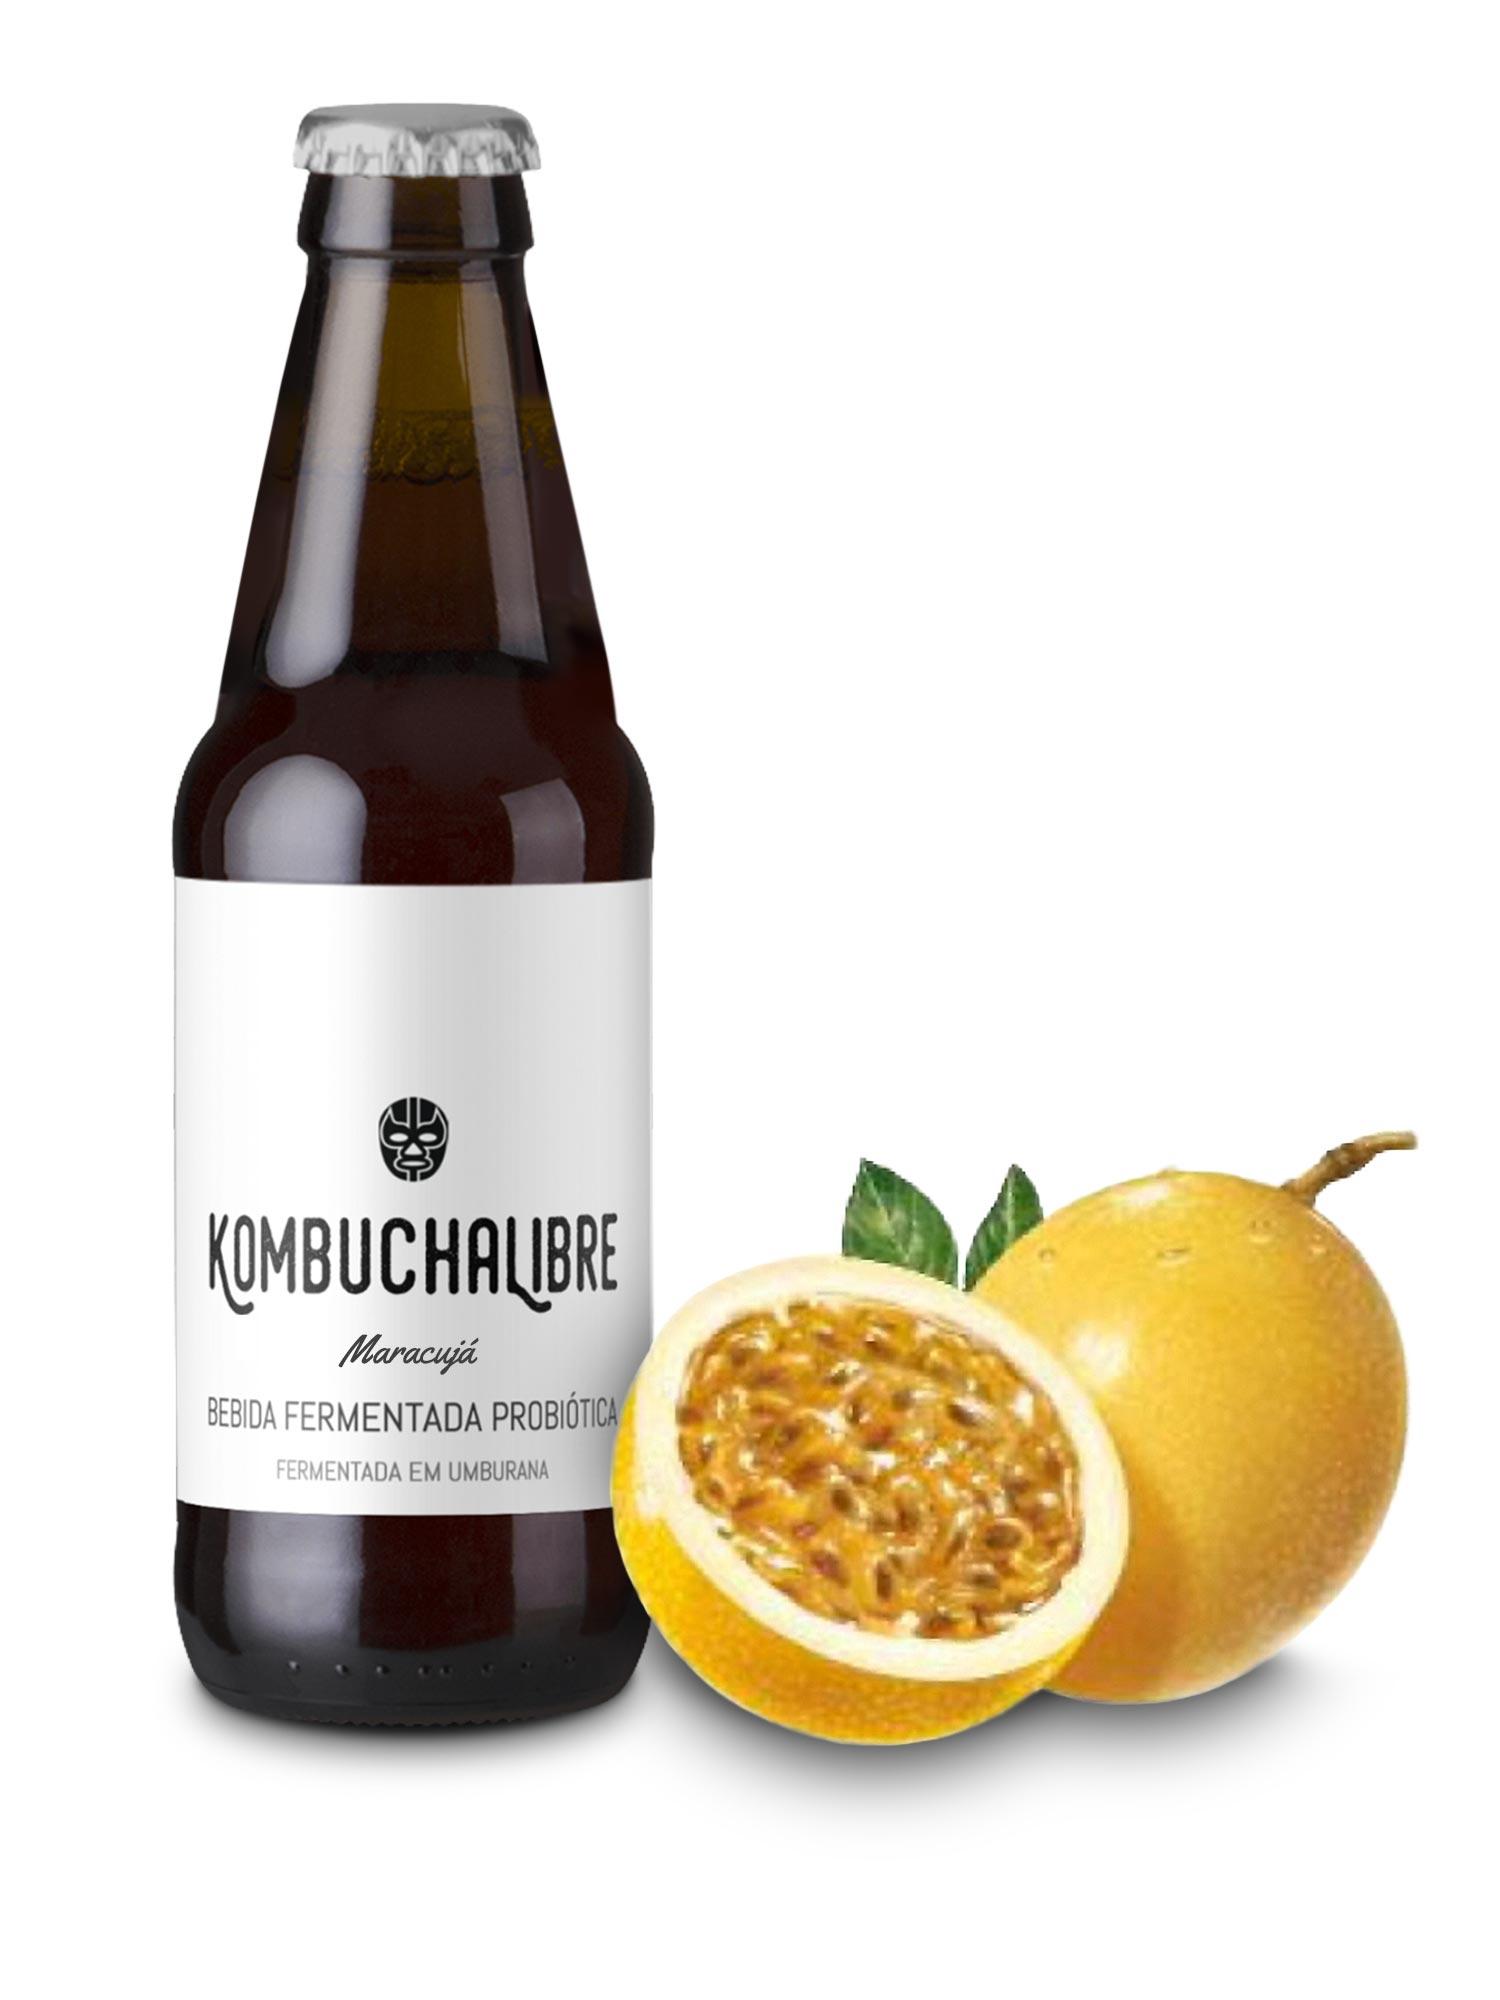 Kombucha Libre - Maracujá